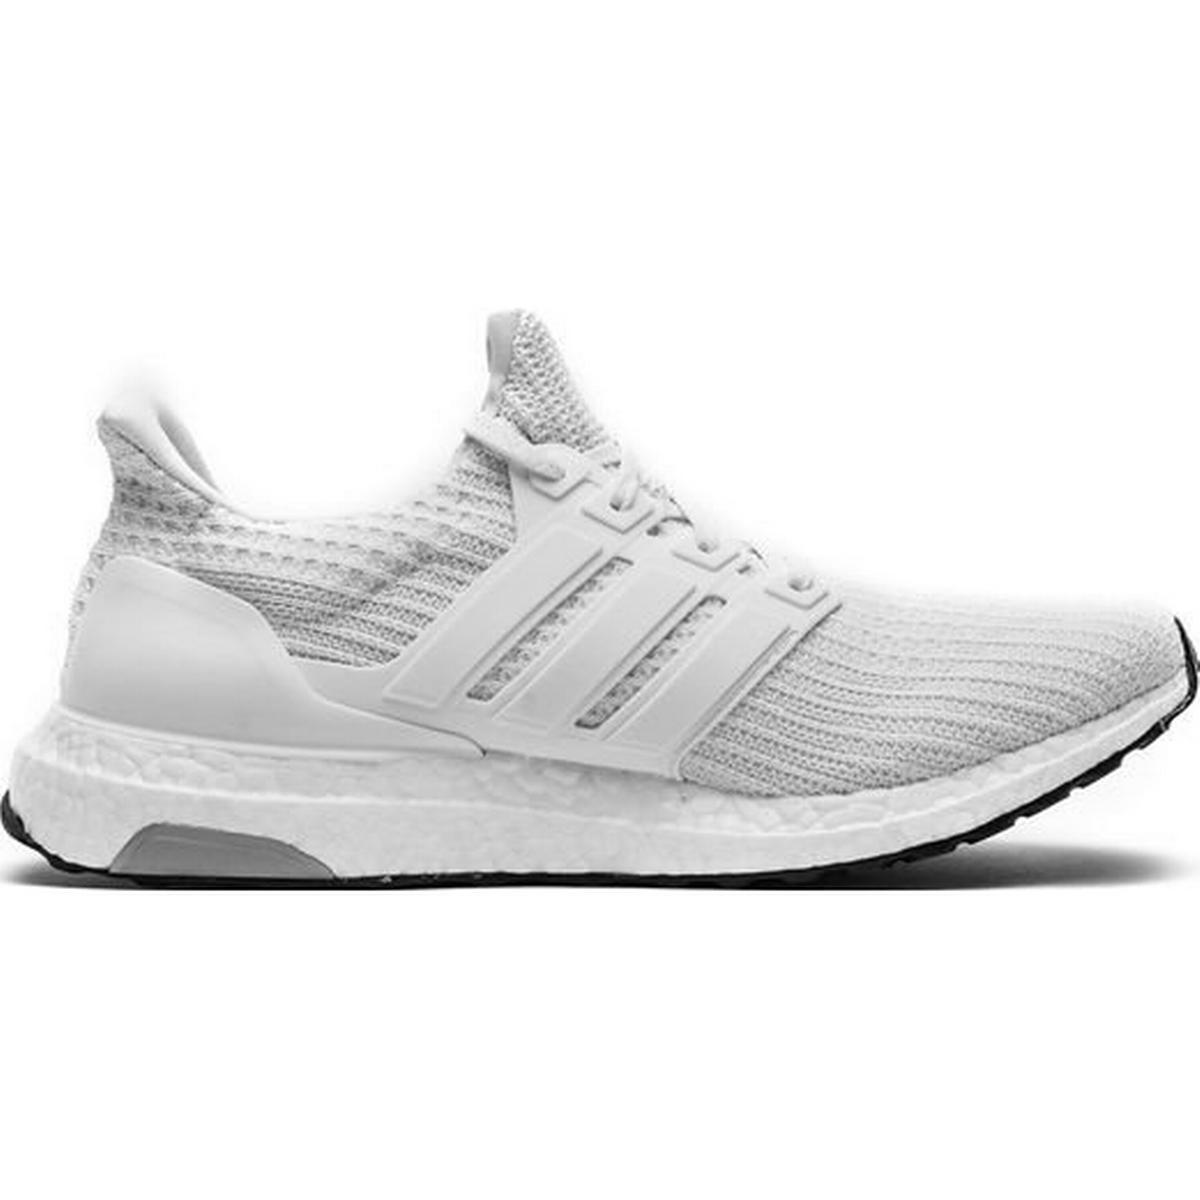 Adidas ultra boost parley • Find billigste pris hos